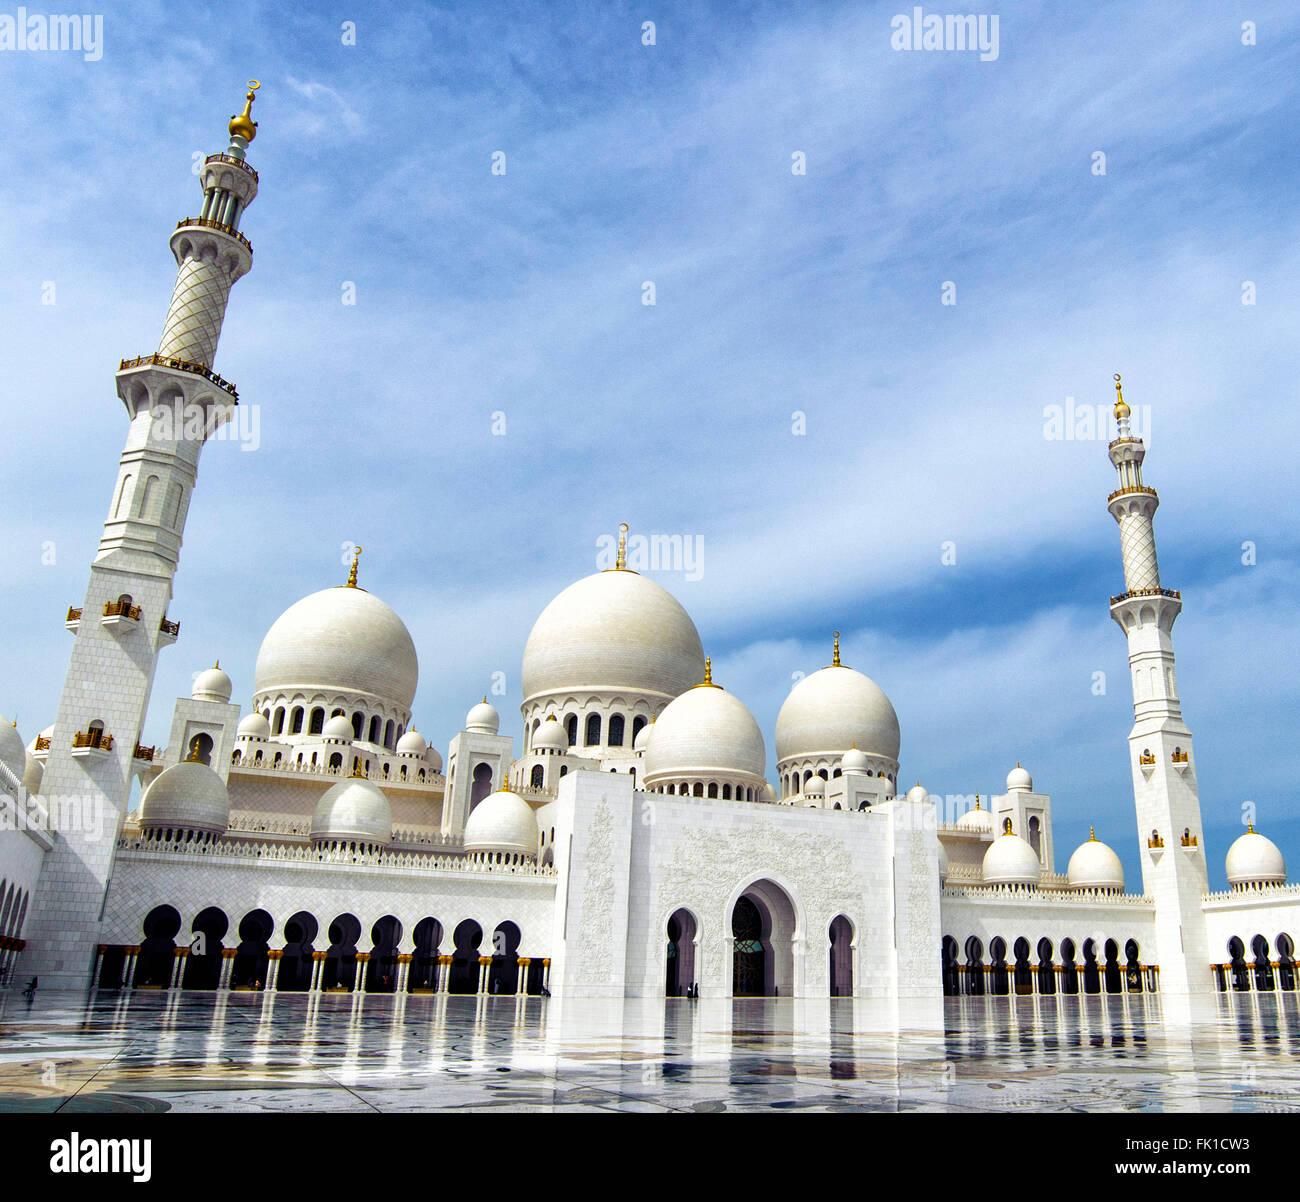 Sheikh Zayed Grand Moschee Abu Dhabi 29.02.2016 Vereinigte Arabische Emirate Foto Andrea Staccioli Insidefoto Stockfoto